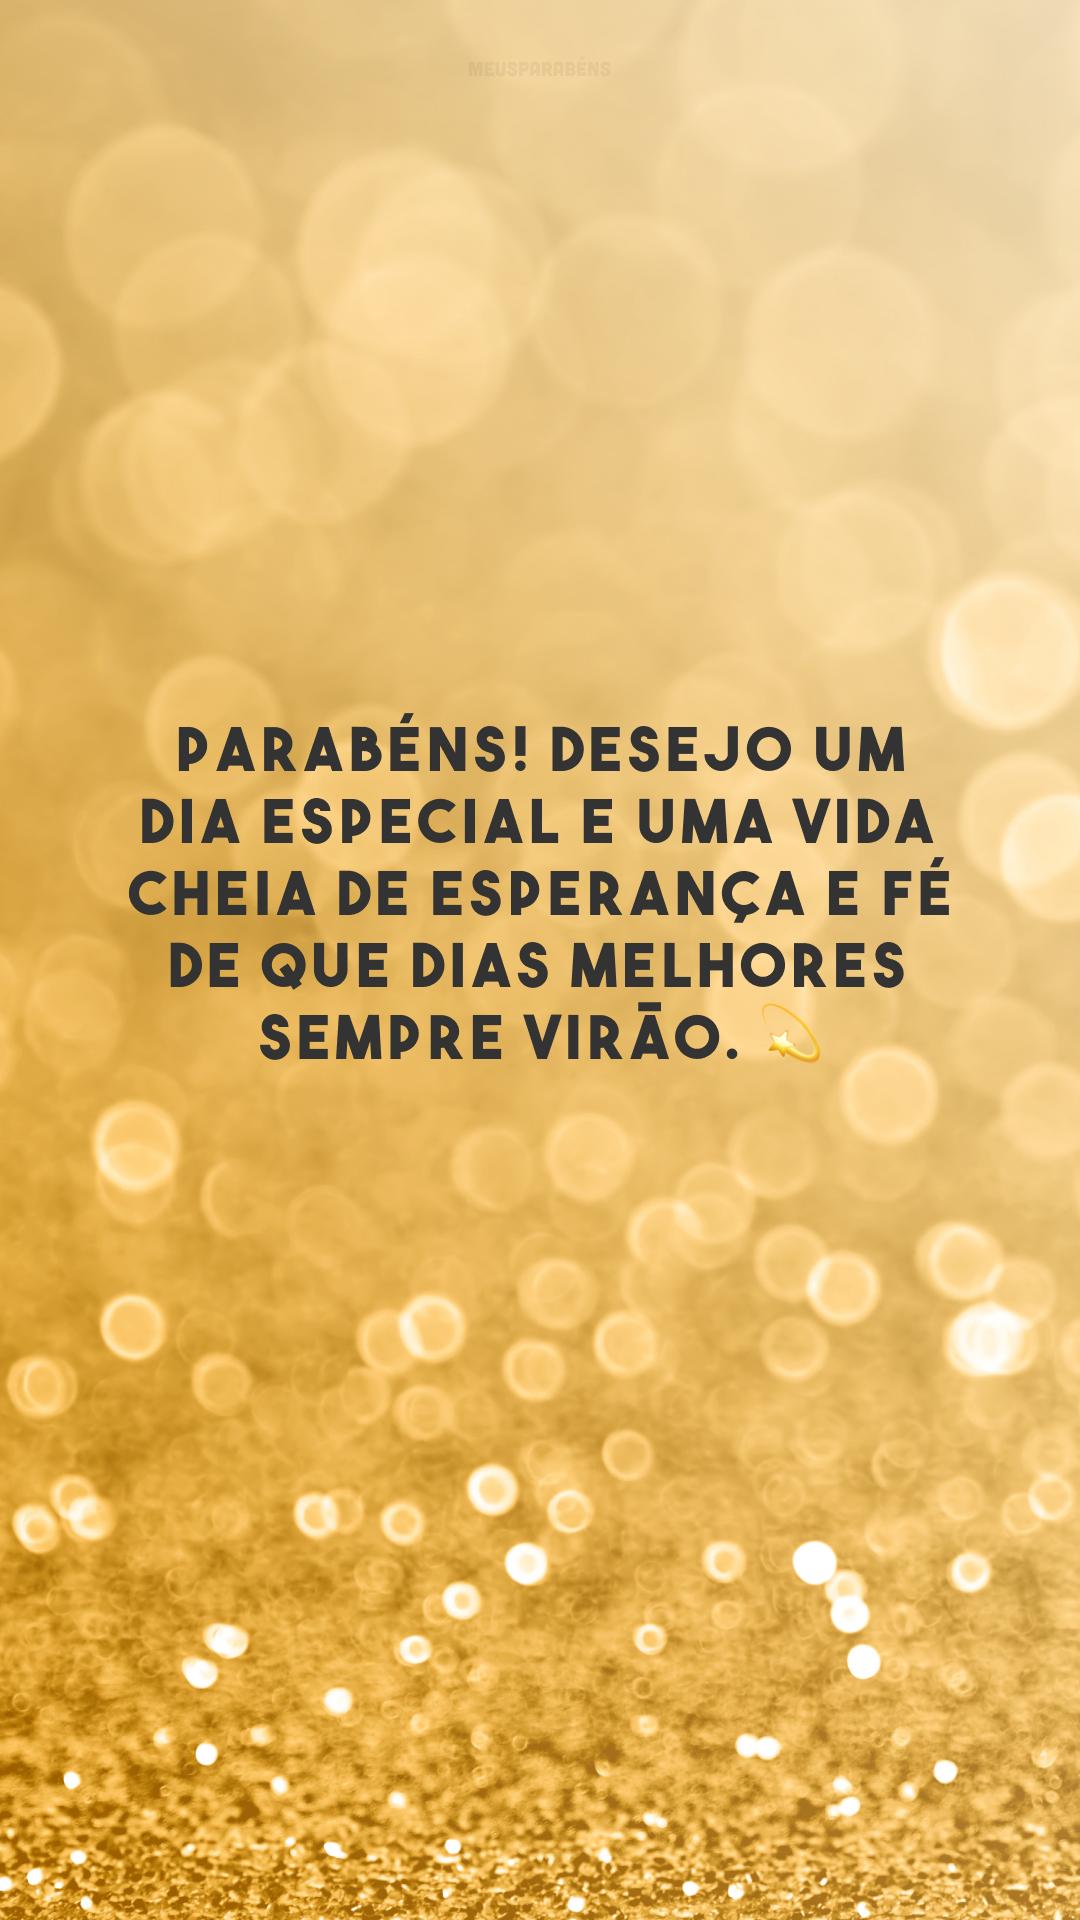 Parabéns! Desejo um dia especial e uma vida cheia de esperança e fé de que dias melhores sempre virão. 💫